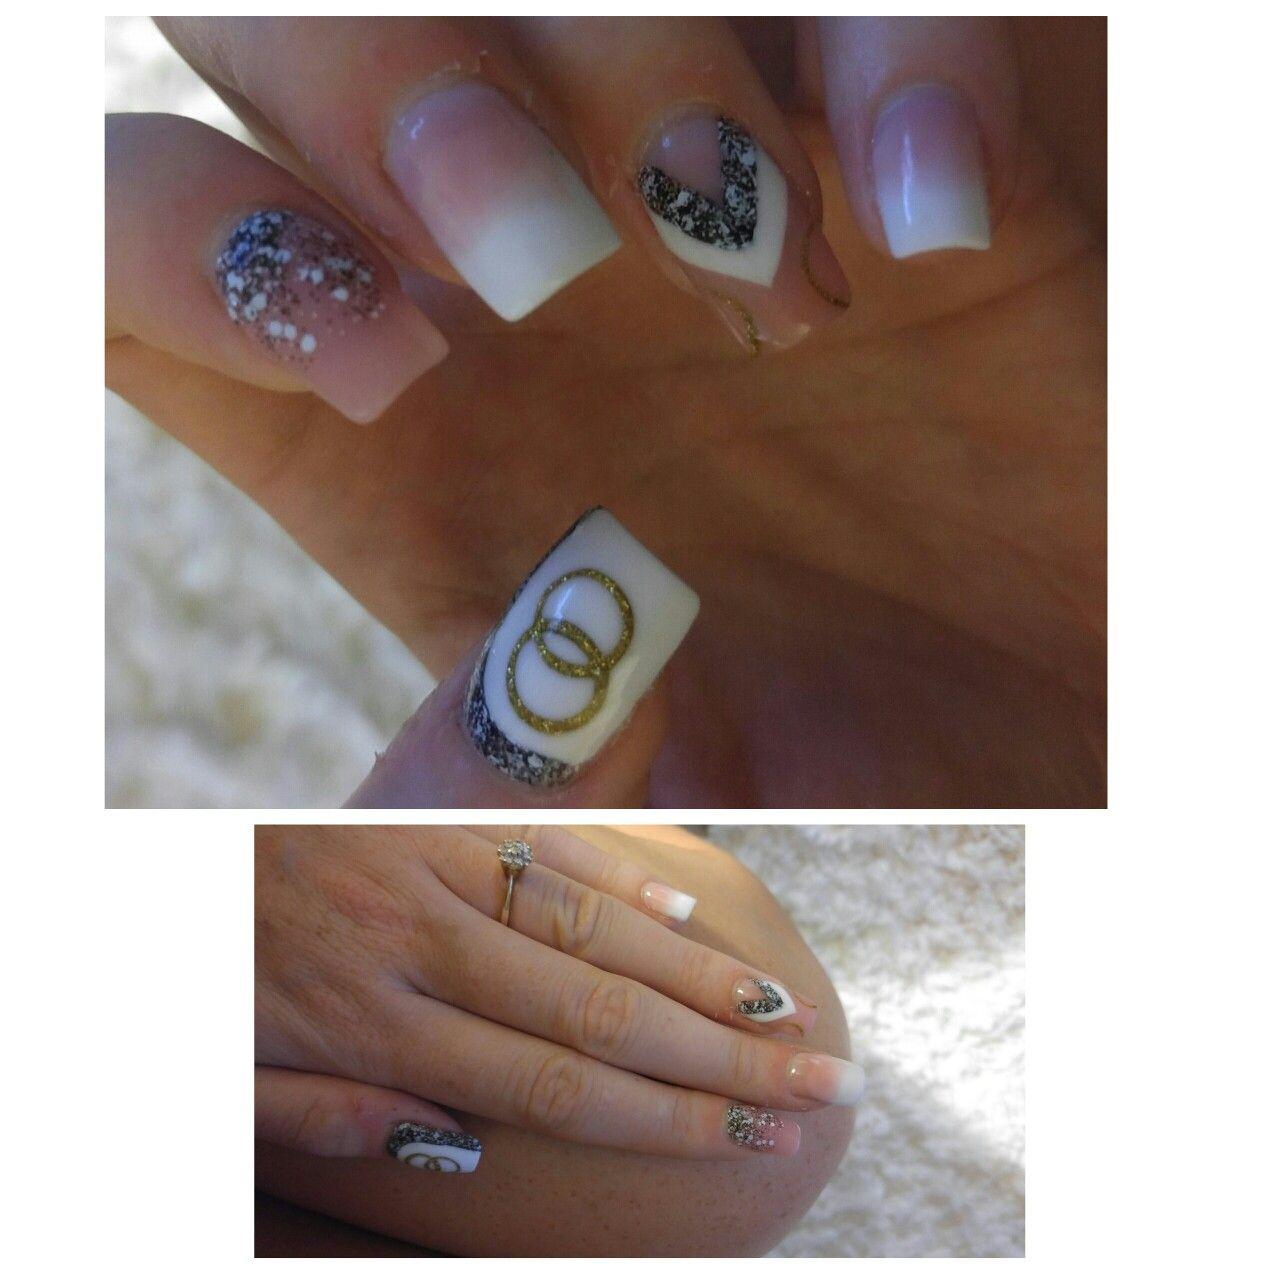 Bachelorette Nails / Bachelorette party / Nail Designs